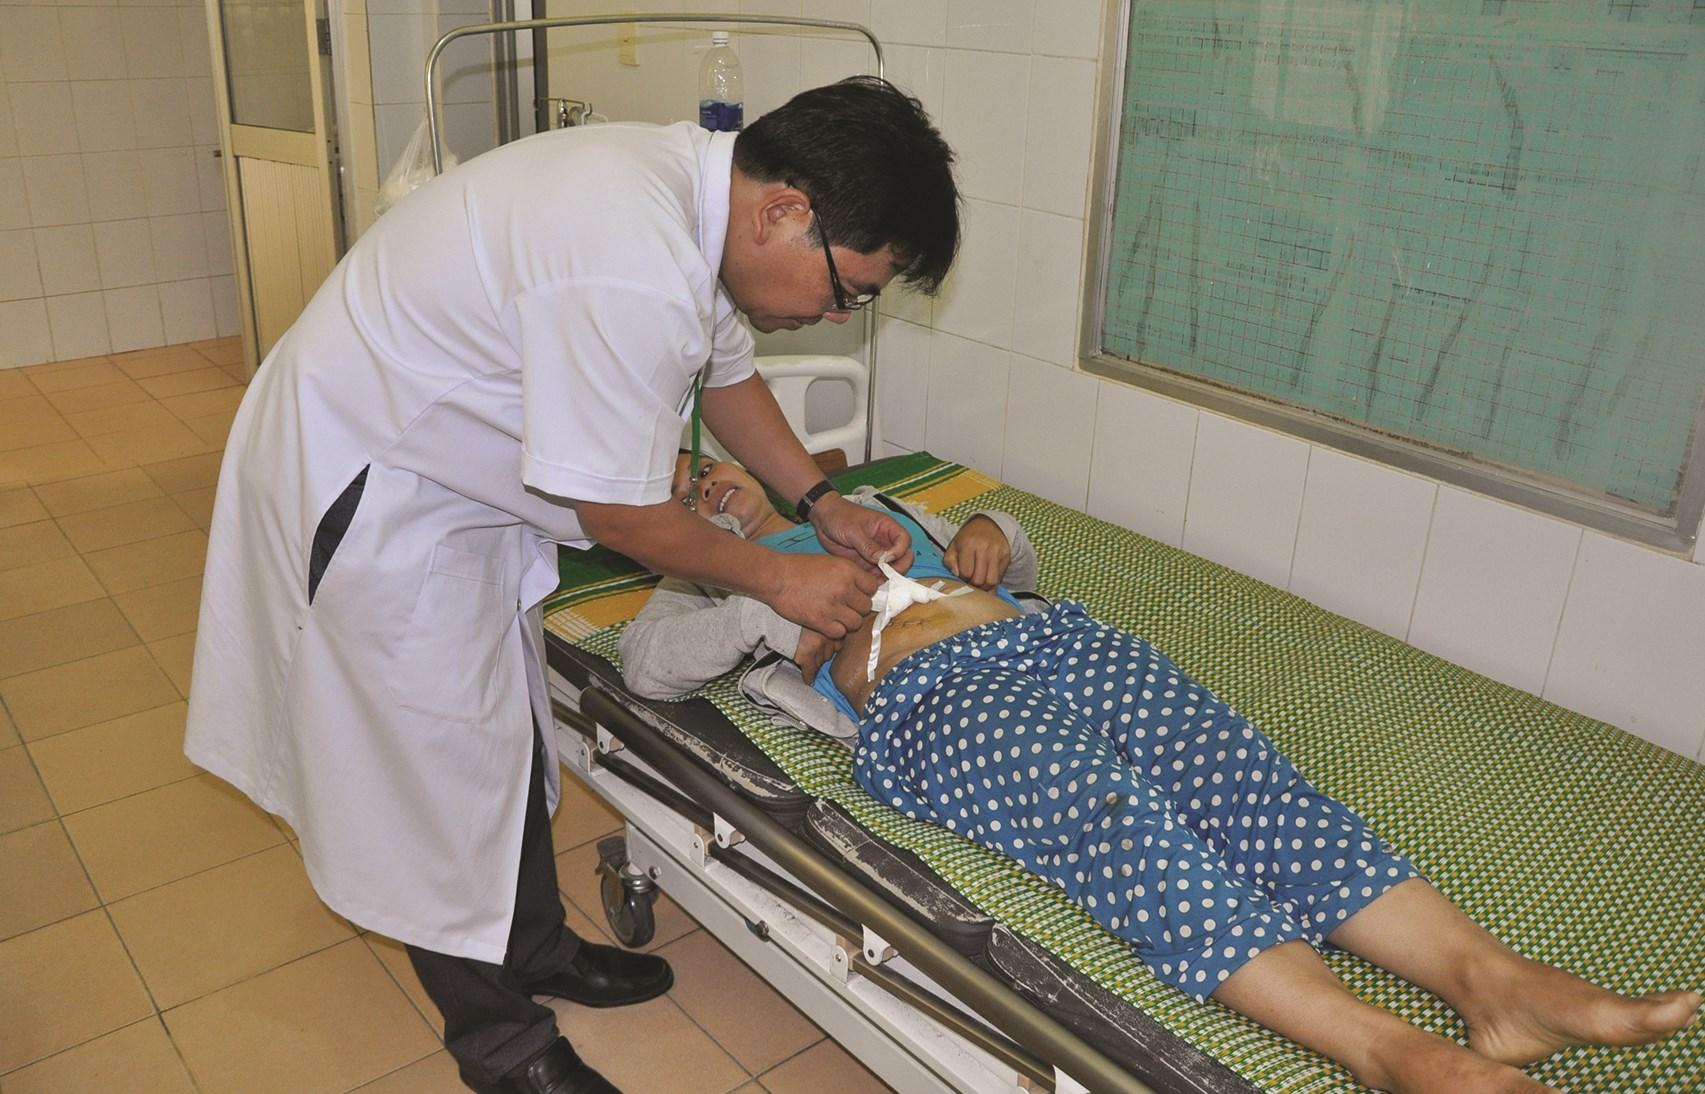 Bác sĩ thăm khám cho người dân tại Trung tâm Y tế huyện Nam Giang, tỉnh Quảng Nam. Ảnh: Thanh Huyền